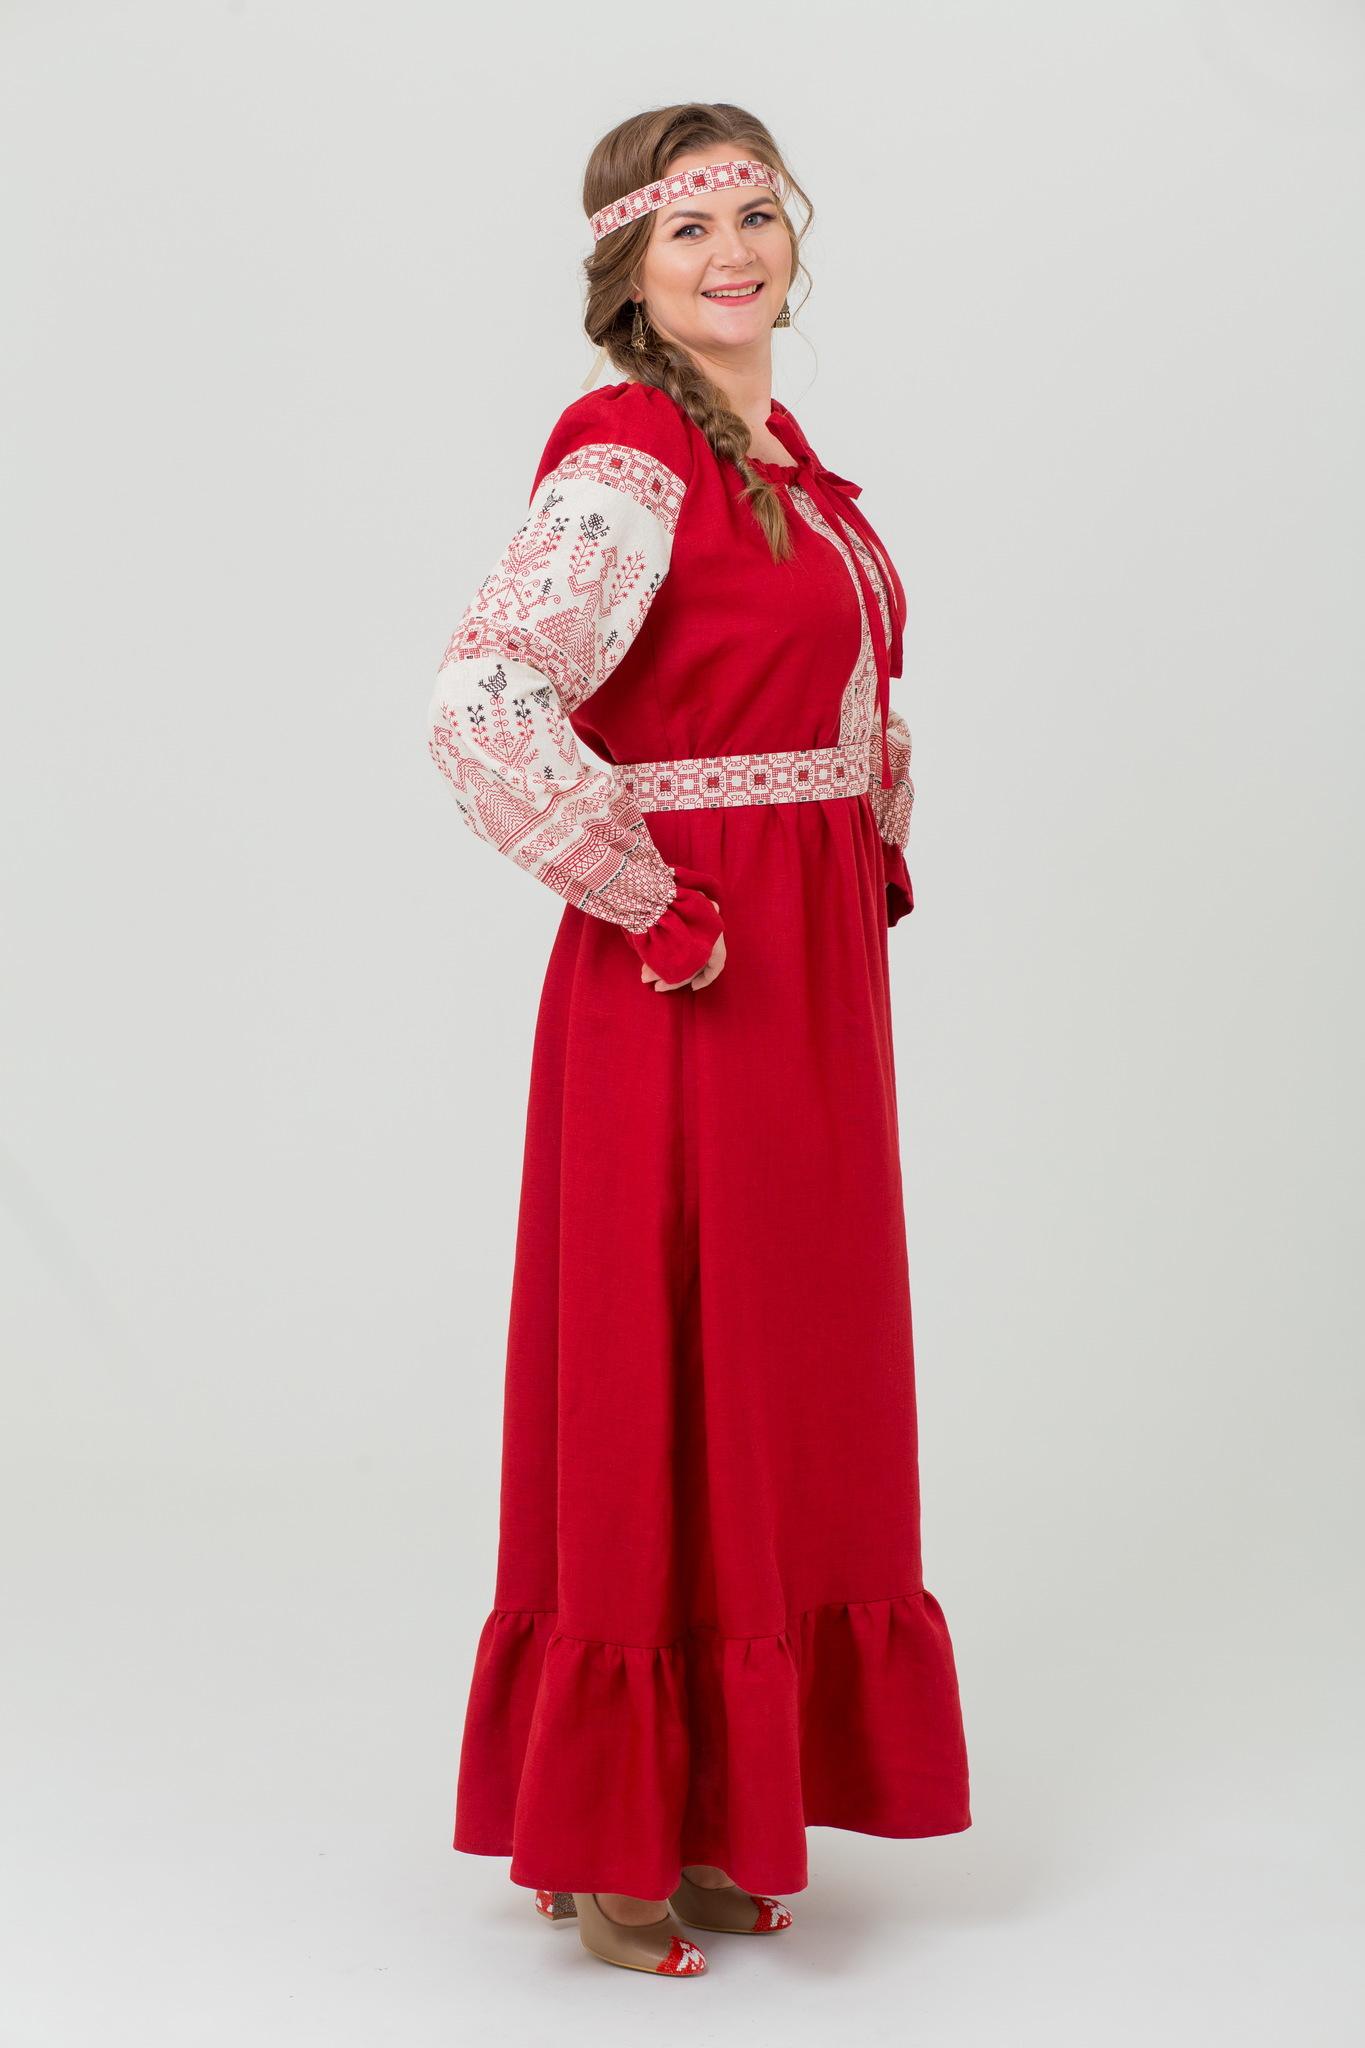 Платье Брусничный цвет русское народное